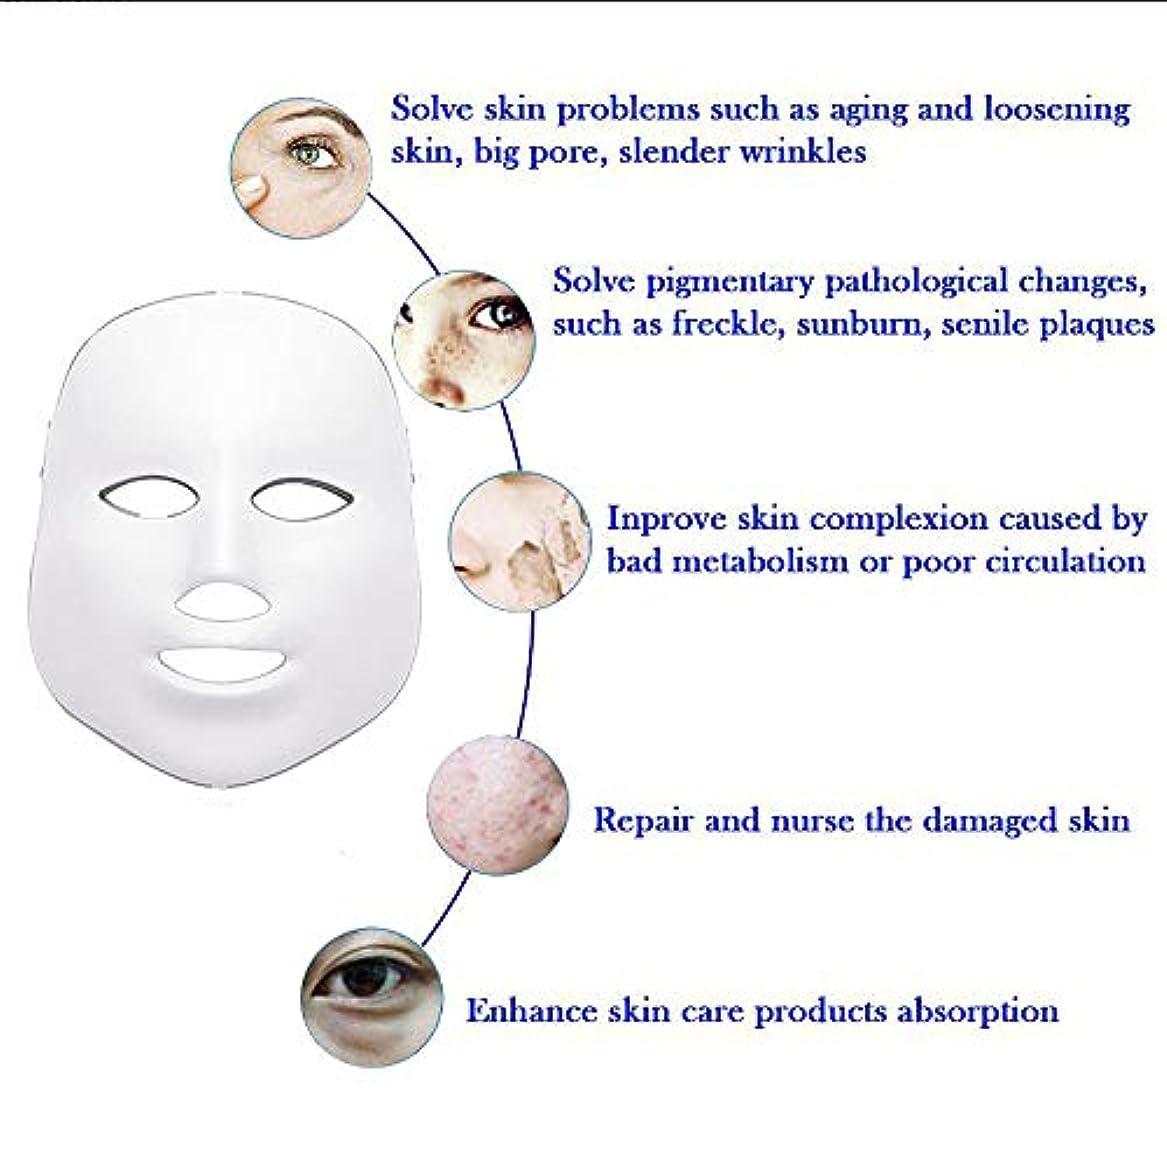 アルミニウム第二にぬるいLEDフェイスマスク、7色フォトンブルーレッドライトスキンリジュビネーションフェイシャルスキンケアマスク、アンチエイジング、しわ、瘢痕フェイシャルスキンケアマスク